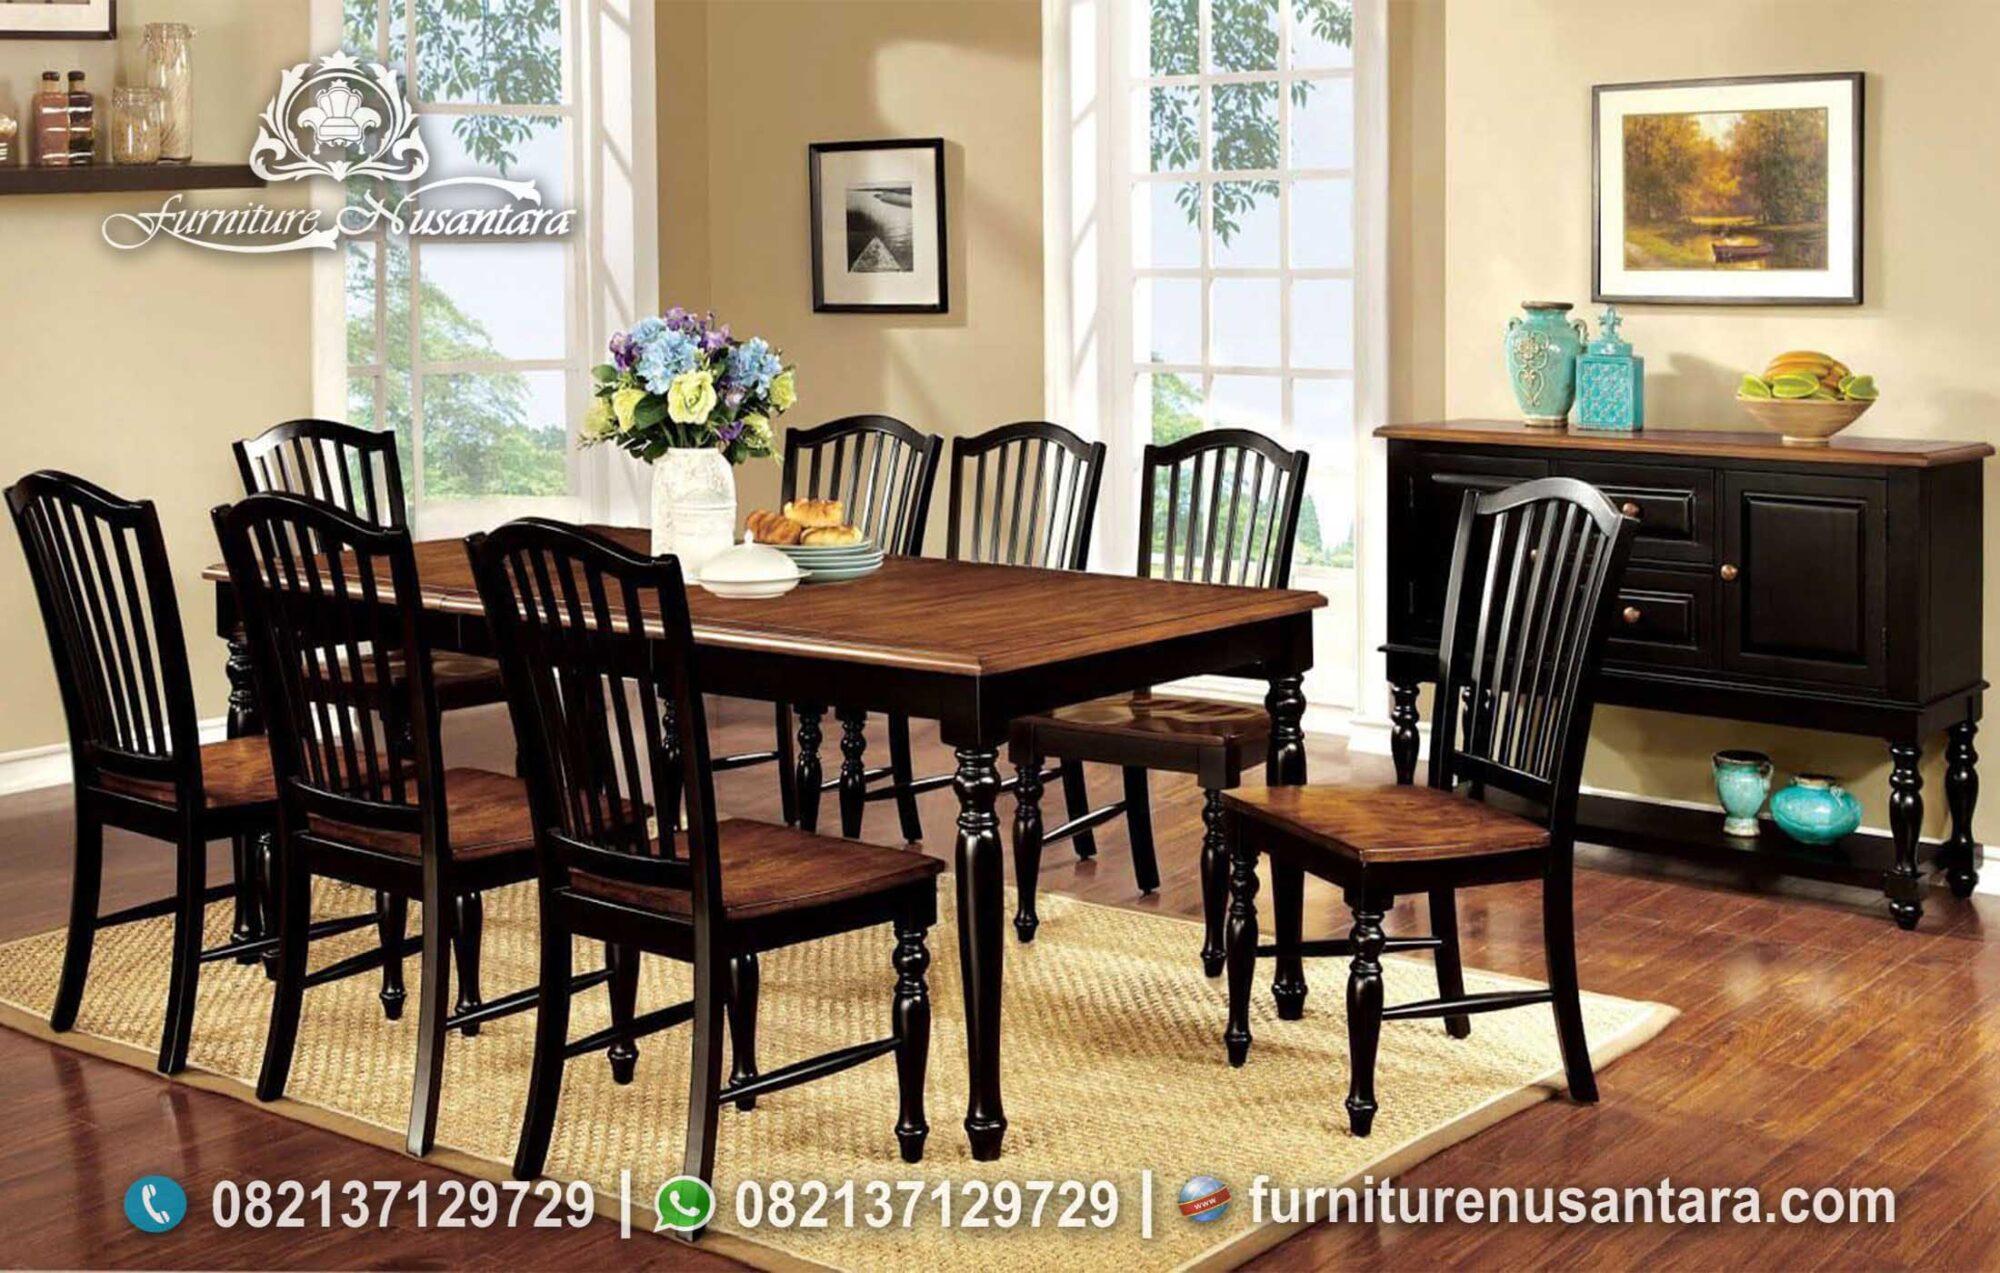 Jual Perabot Rumah Meja Makan Minimalis MM-135